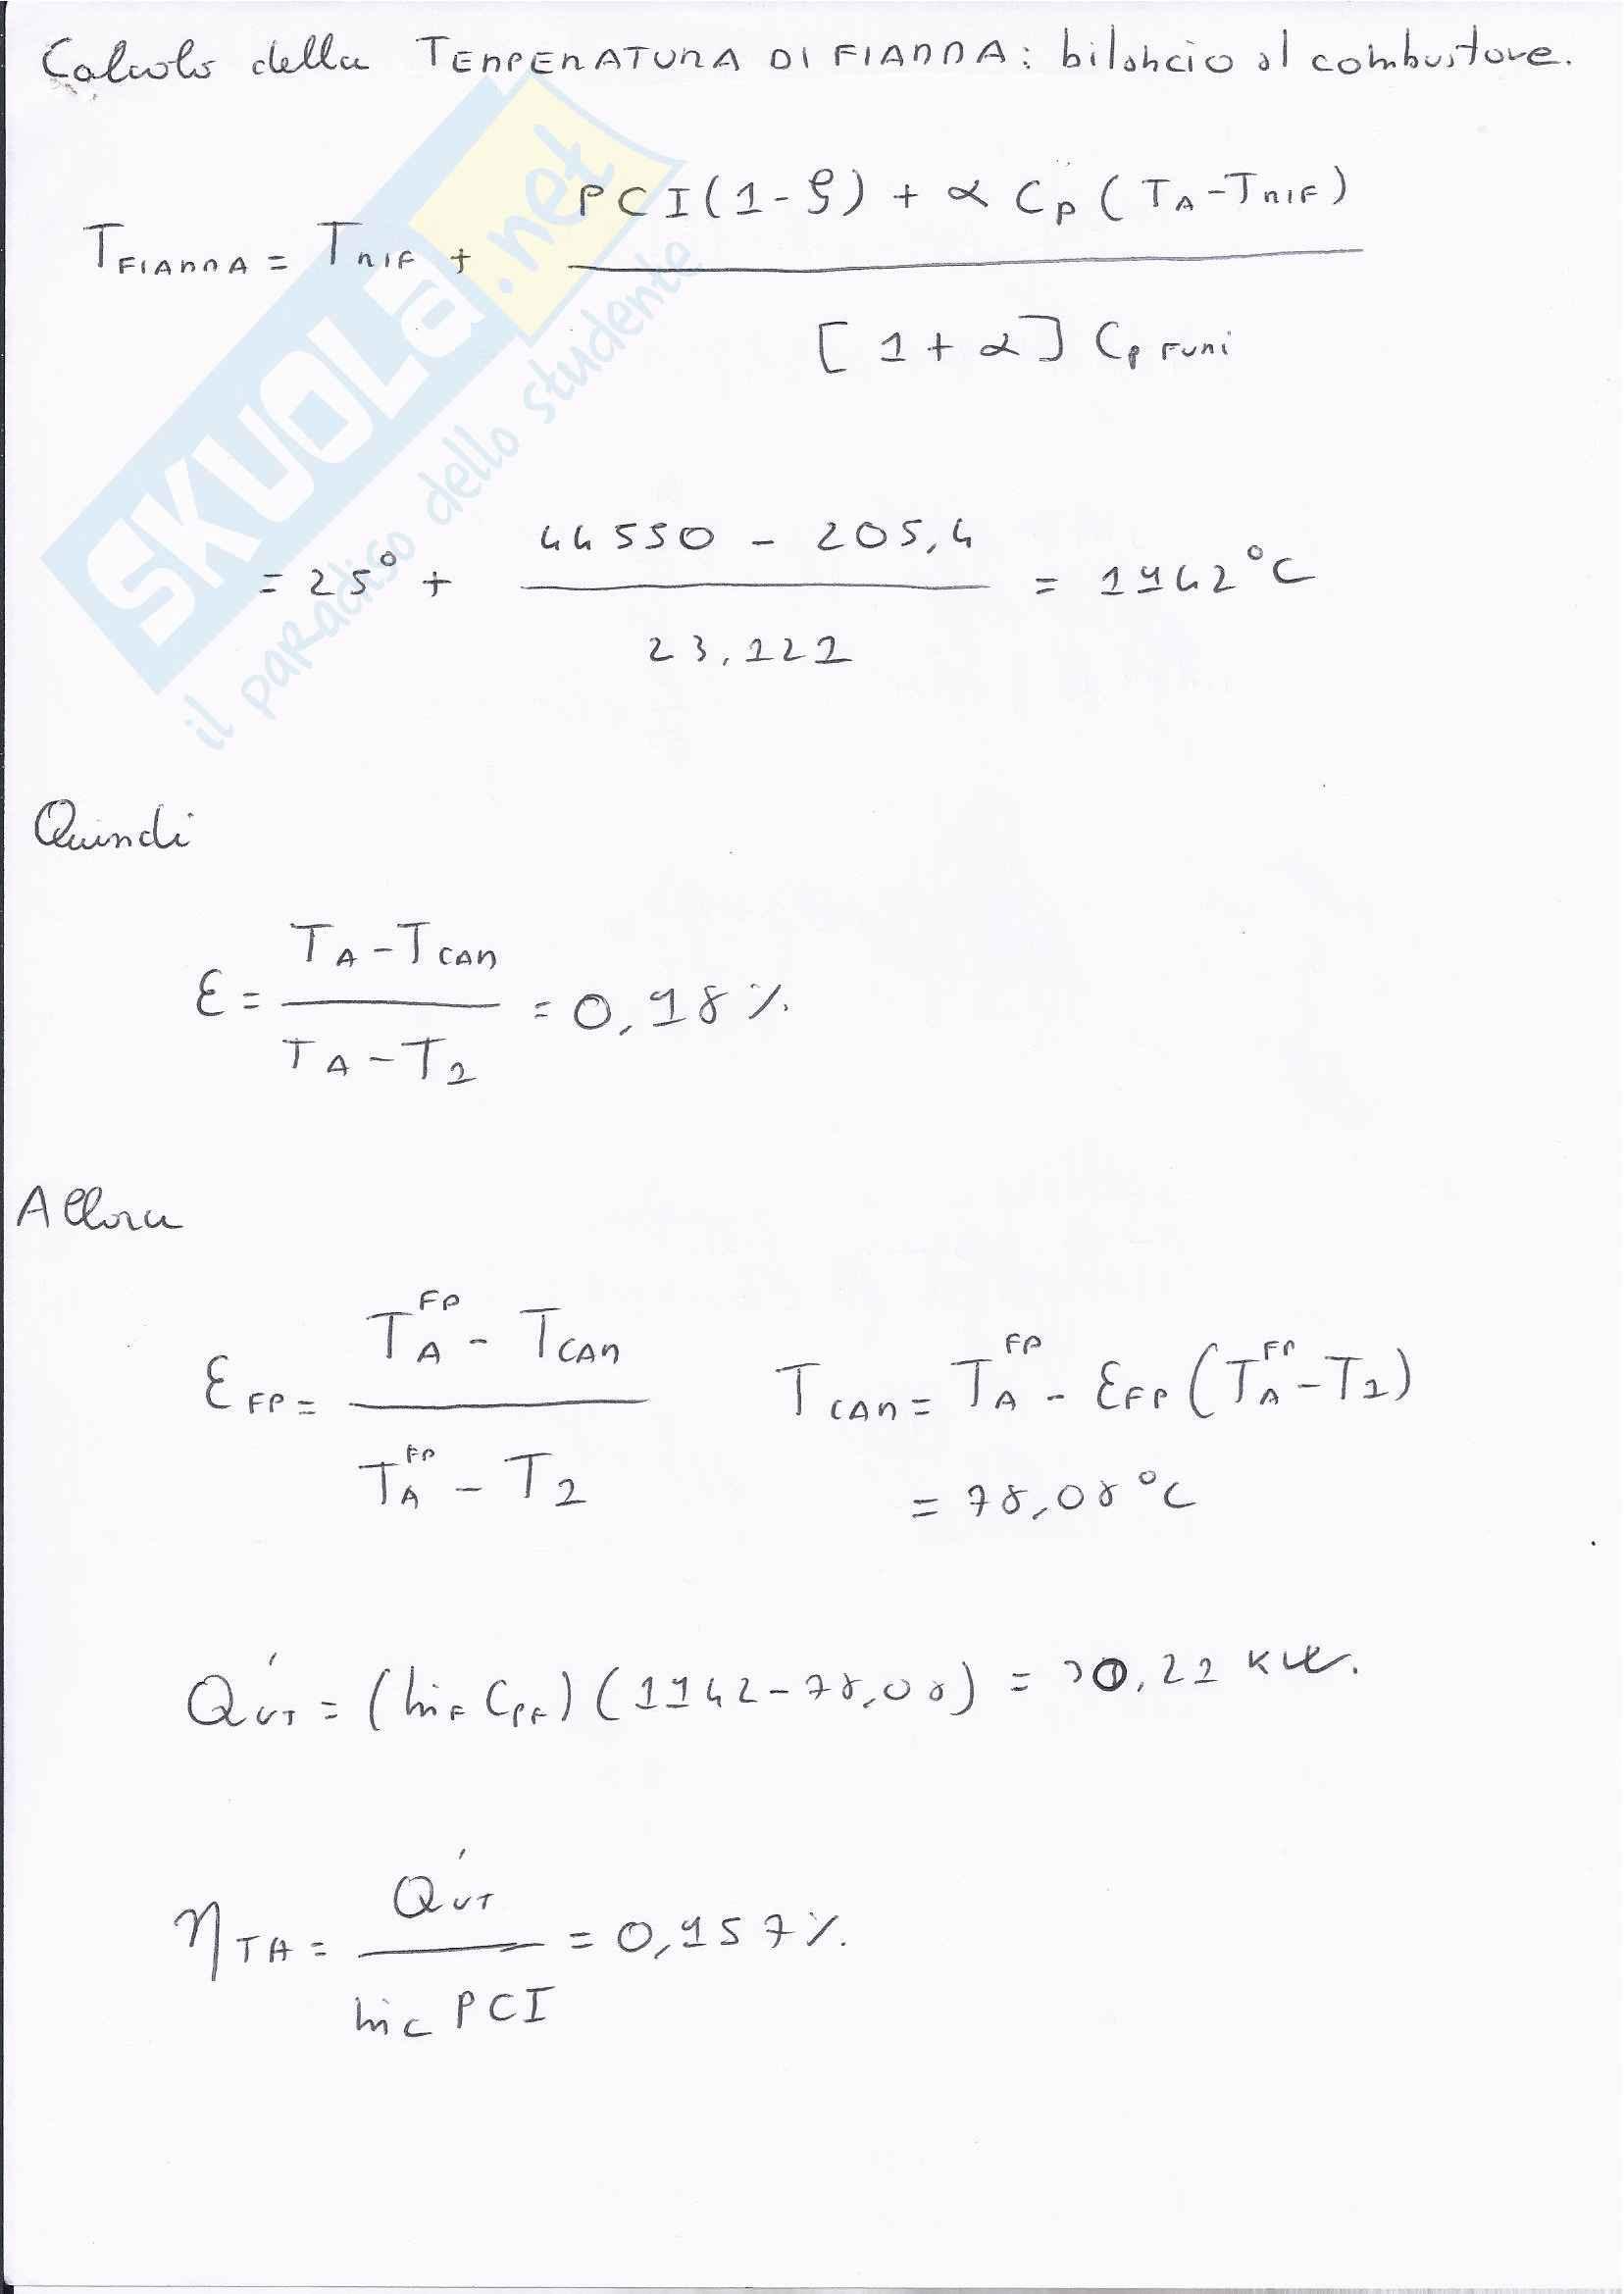 Sistemi energetici  - esame svolto fine settembre 2012 Pag. 11